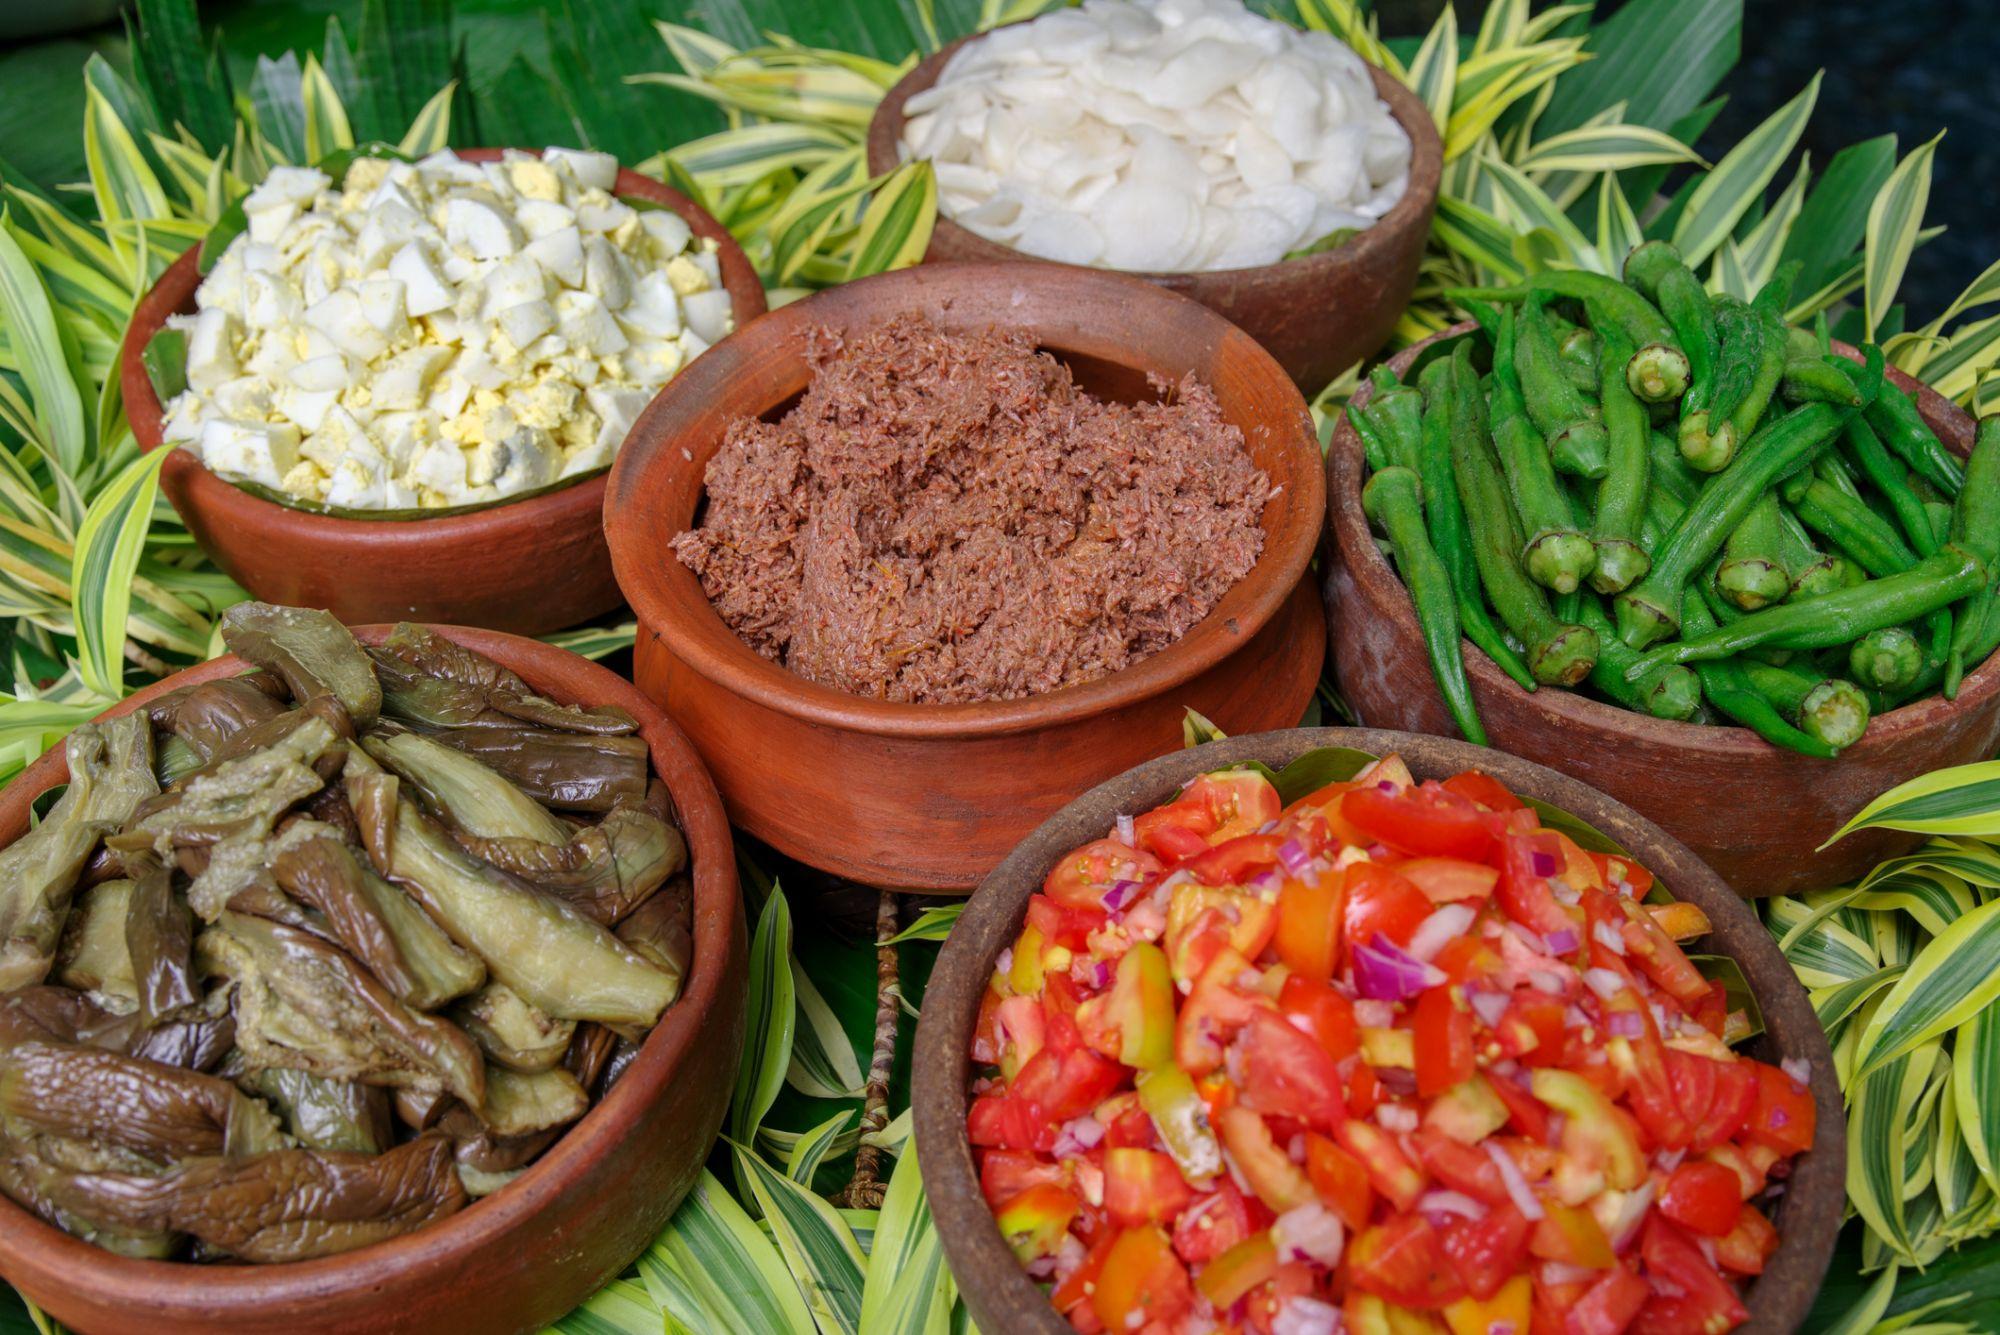 Filipino style salad and bagoong